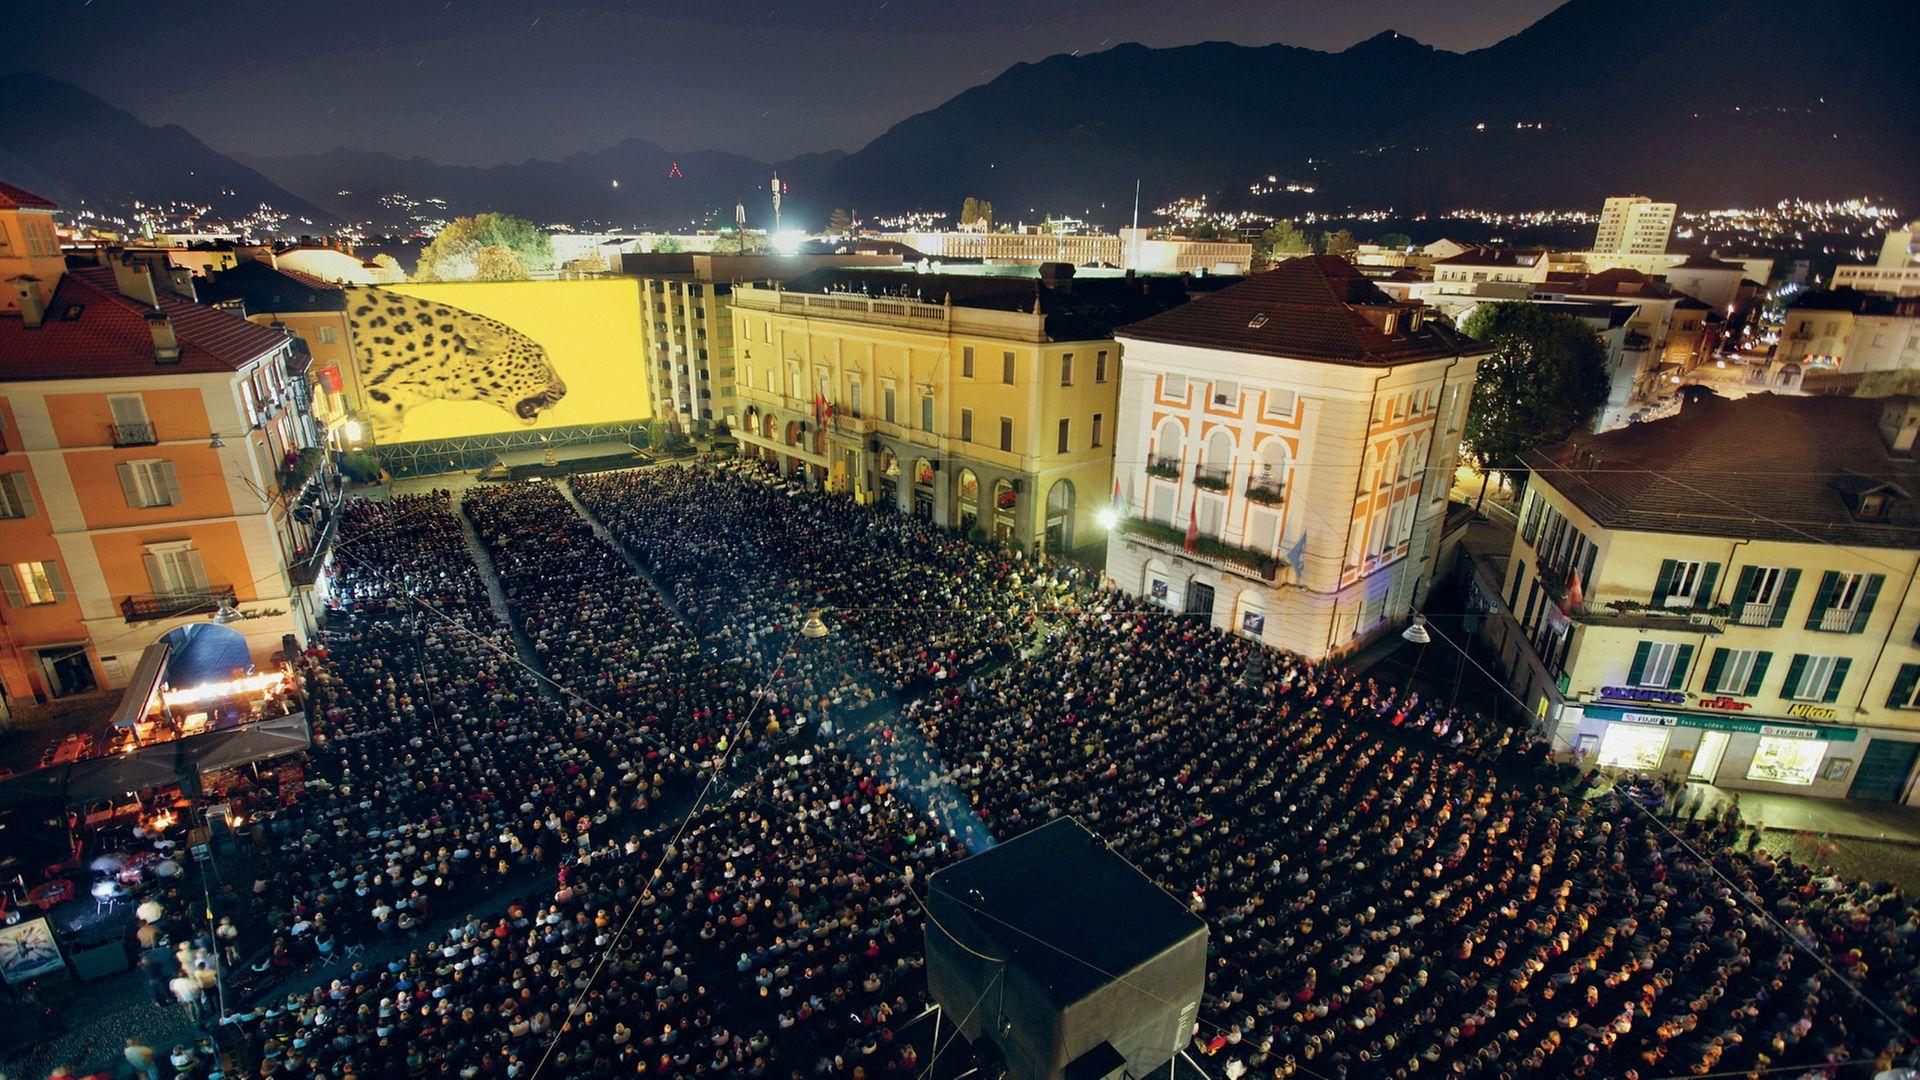 Festival del cinema di Locarno, Piazza Grande, Gogo Magazine